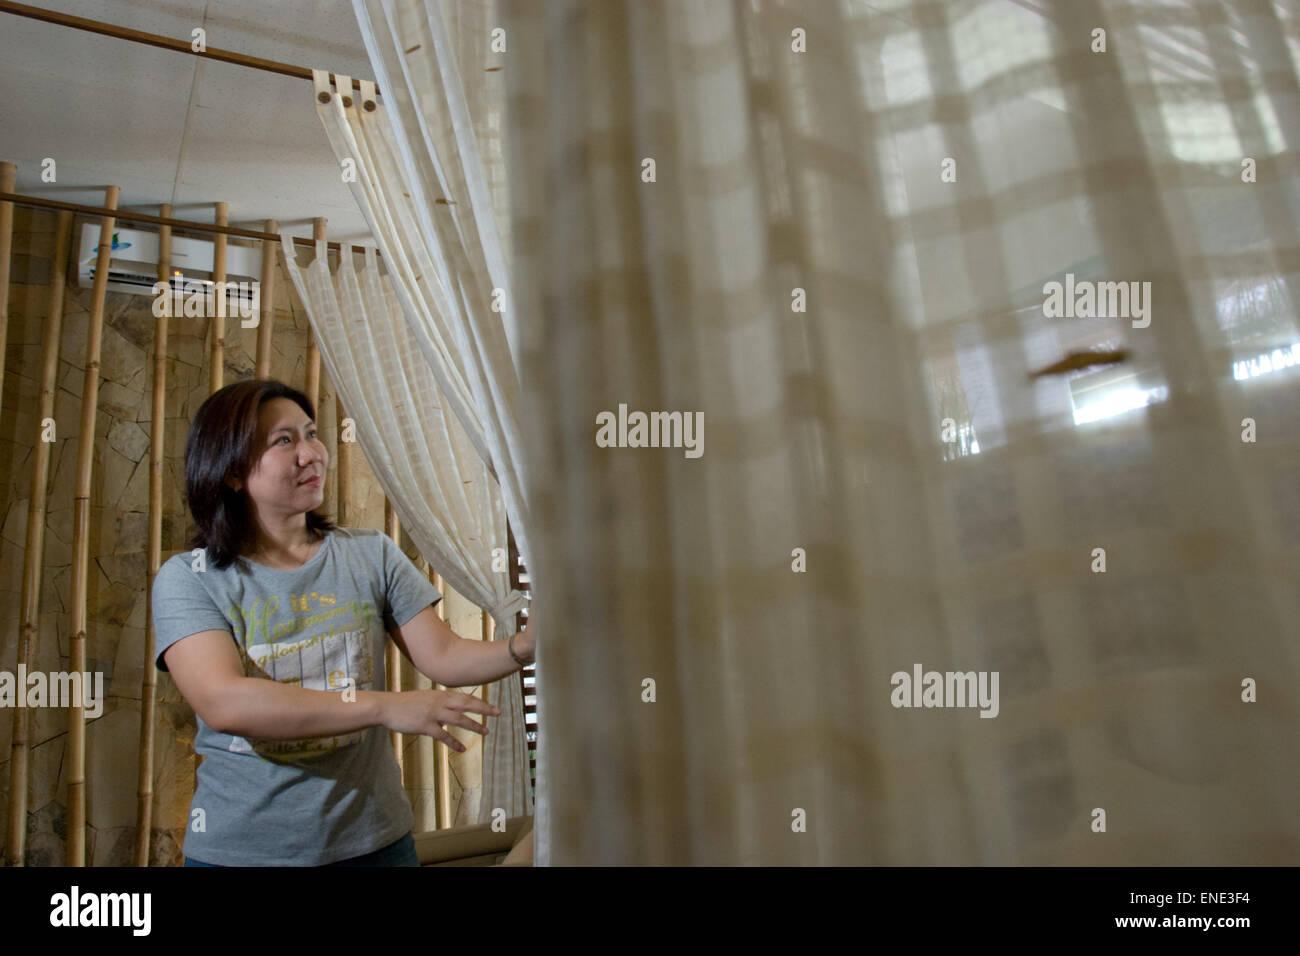 Susi Susanti, retirado jugador de bádminton, abre su reflexología en los pies y el centro de fisioterapia Imagen De Stock